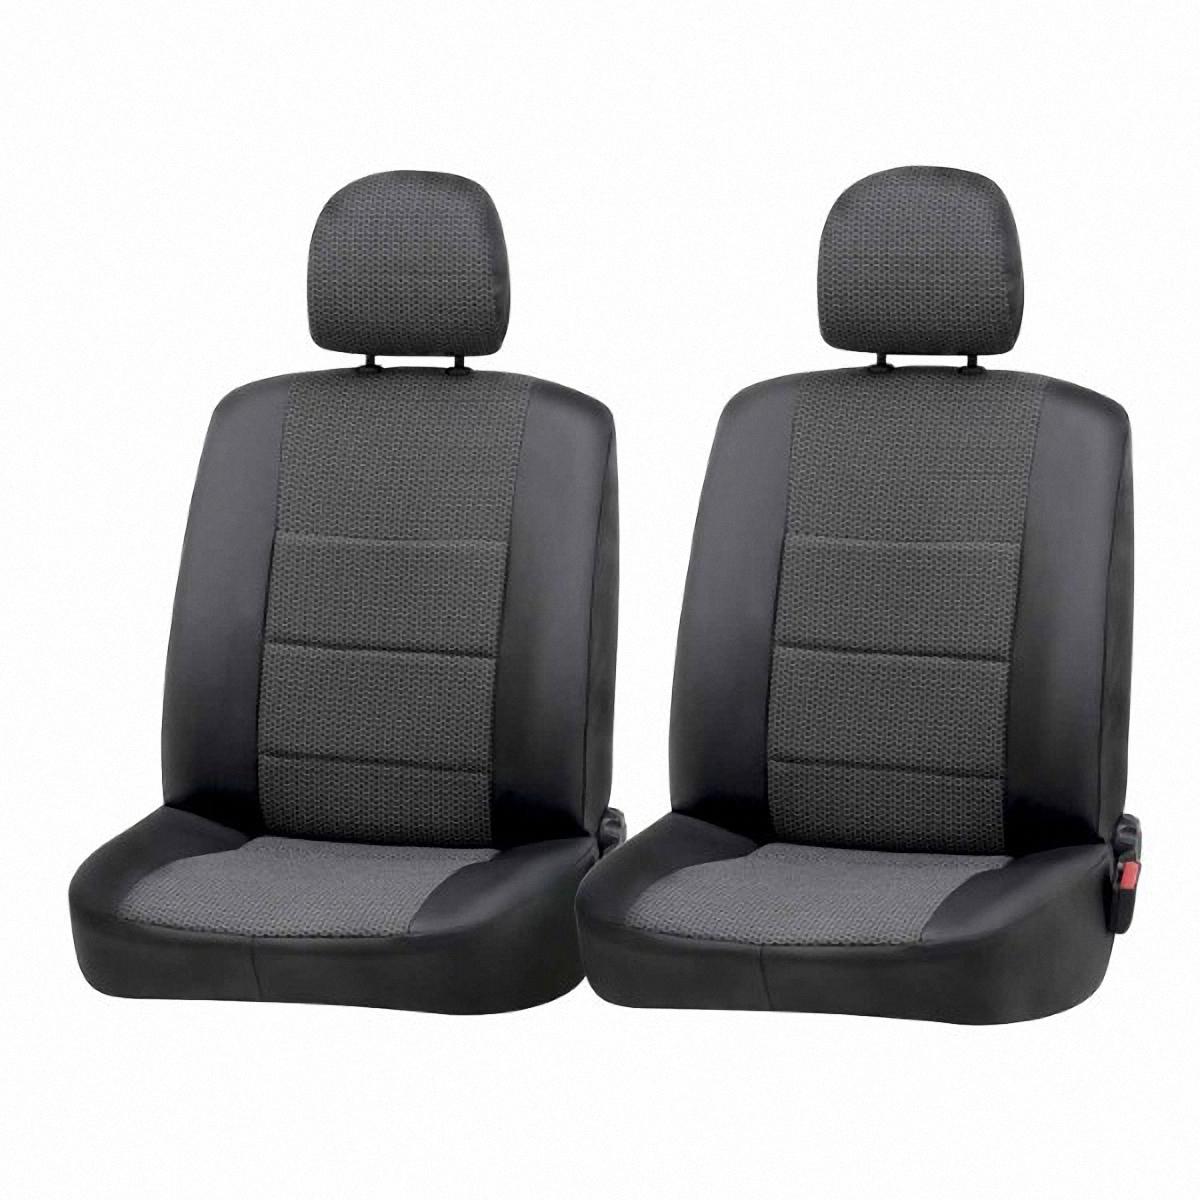 Чехлы автомобильные Skyway, для Chevrolet Niva 2014-, раздельный задний рядВетерок 2ГФАвтомобильные чехлы Skyway изготовлены из качественного жаккарда и экокожи. Чехлы идеально повторяют штатную форму сидений и выглядят как оригинальная обивка сидений. Разработаны индивидуально для каждой модели автомобиля. Авточехлы Skyway просты в уходе - загрязнения легко удаляются влажной тканью. Чехлы имеют раздельную схему надевания.В комплекте 12 предметов.